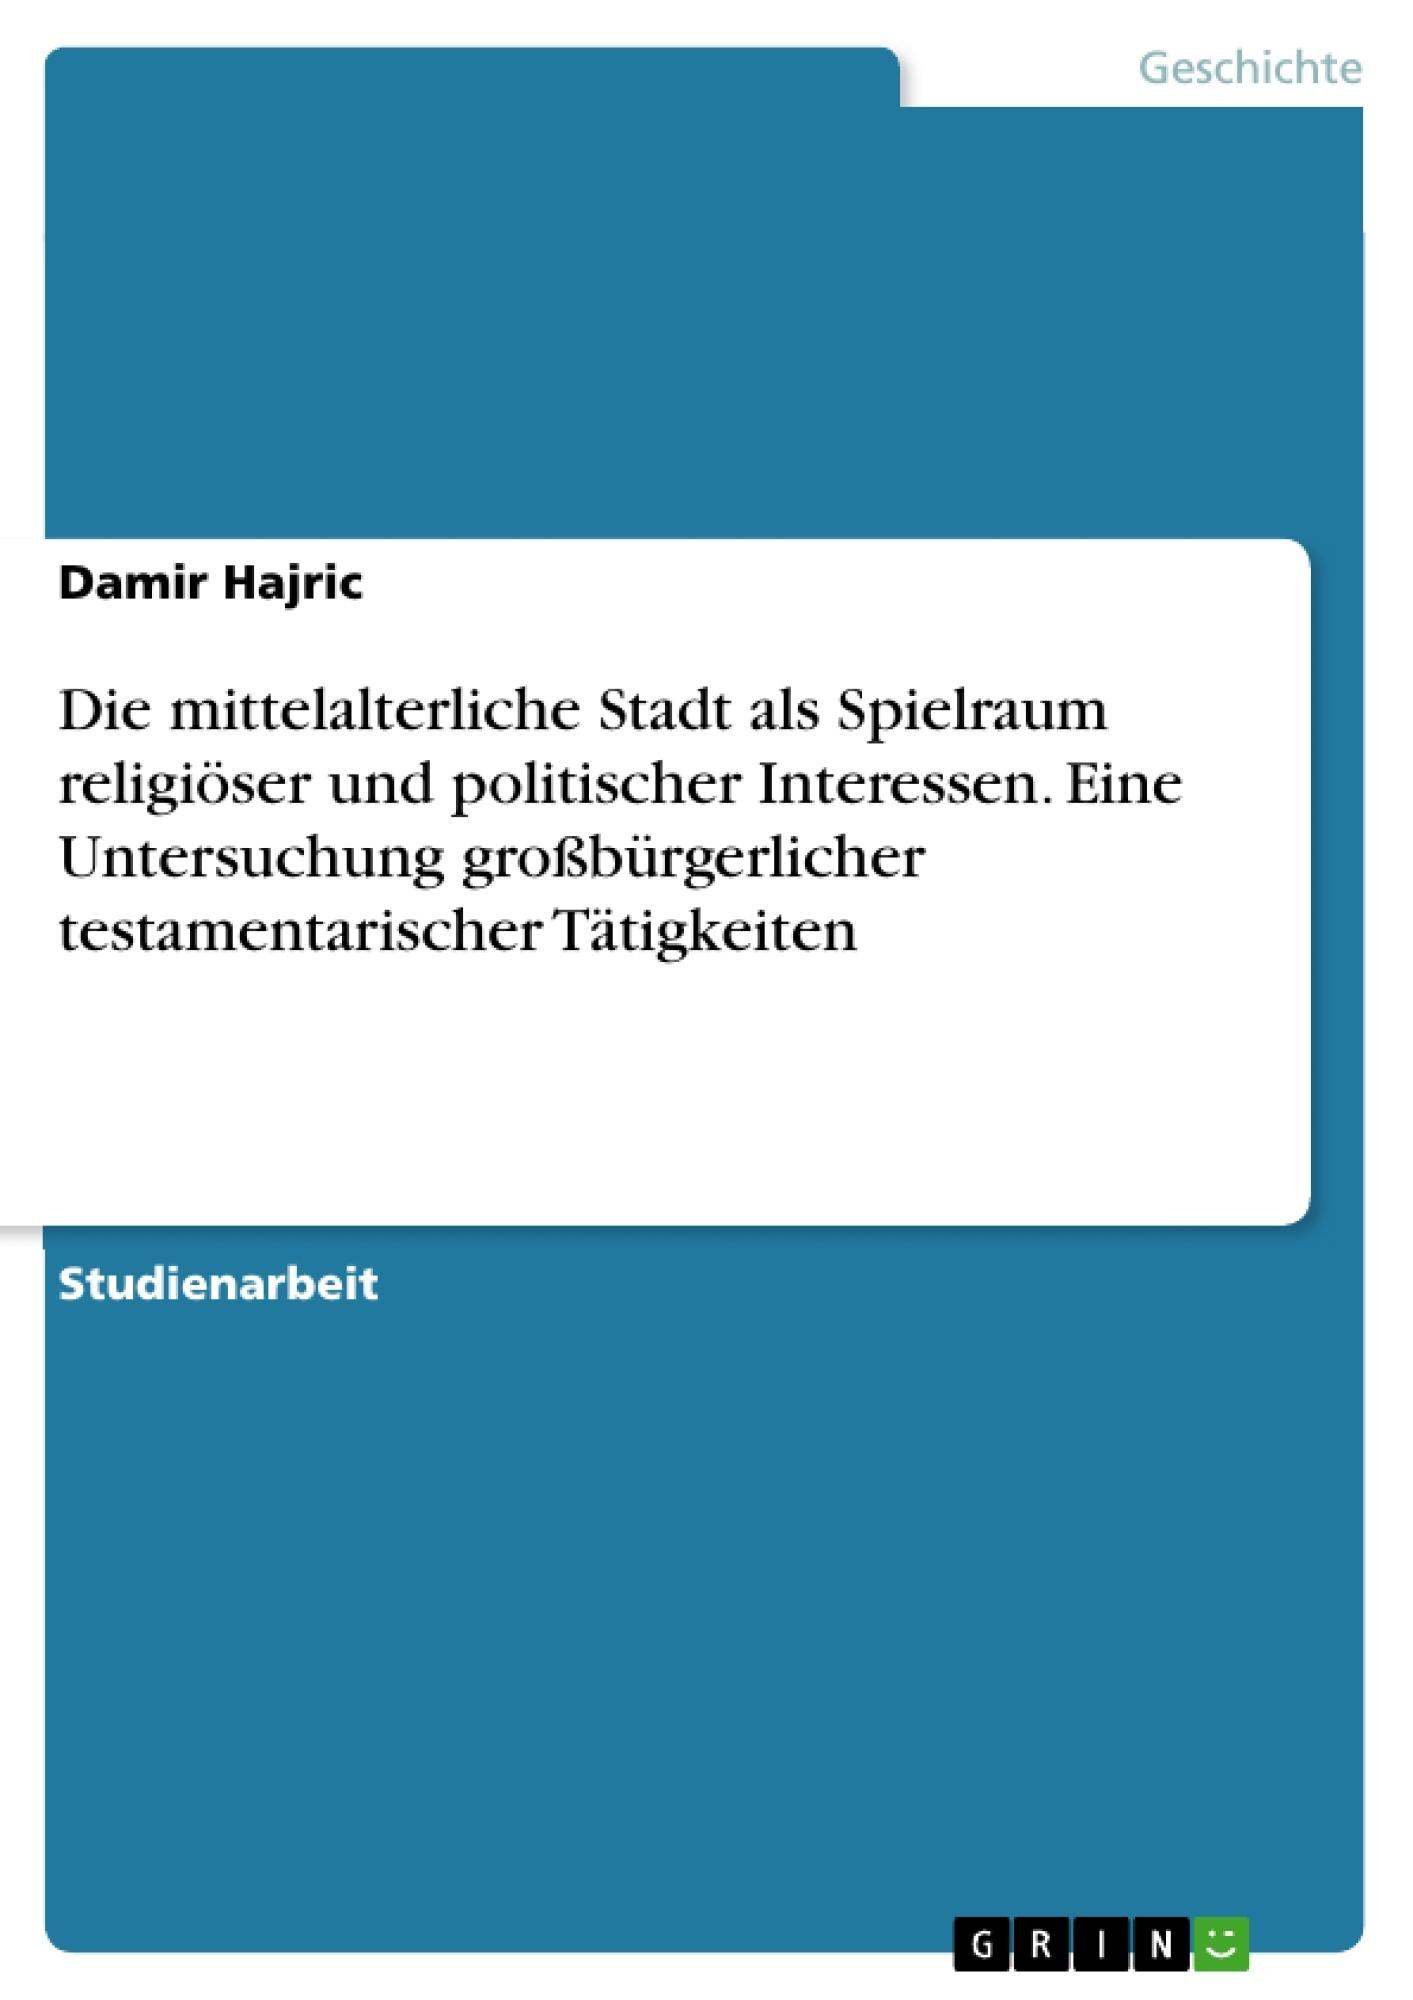 Titel: Die mittelalterliche Stadt als Spielraum religiöser und politischer Interessen. Eine Untersuchung großbürgerlicher testamentarischer Tätigkeiten